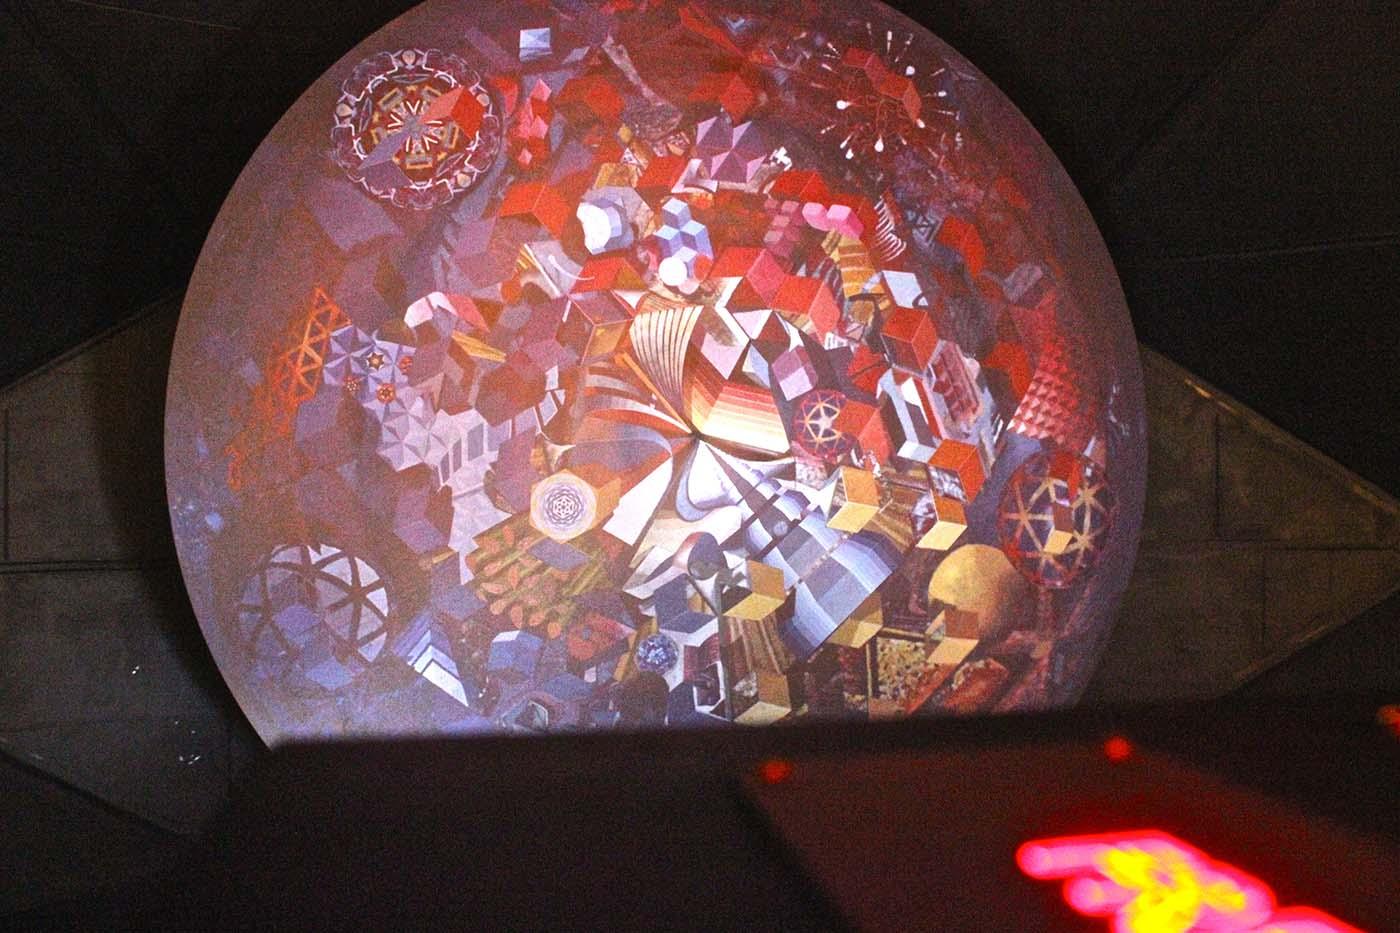 Clark Richert, Richard Kallweit, Gene Bernofsky, JoAnn Bernofsky, and Charles DiJulio, The Ultimate Painting (1966/2011)